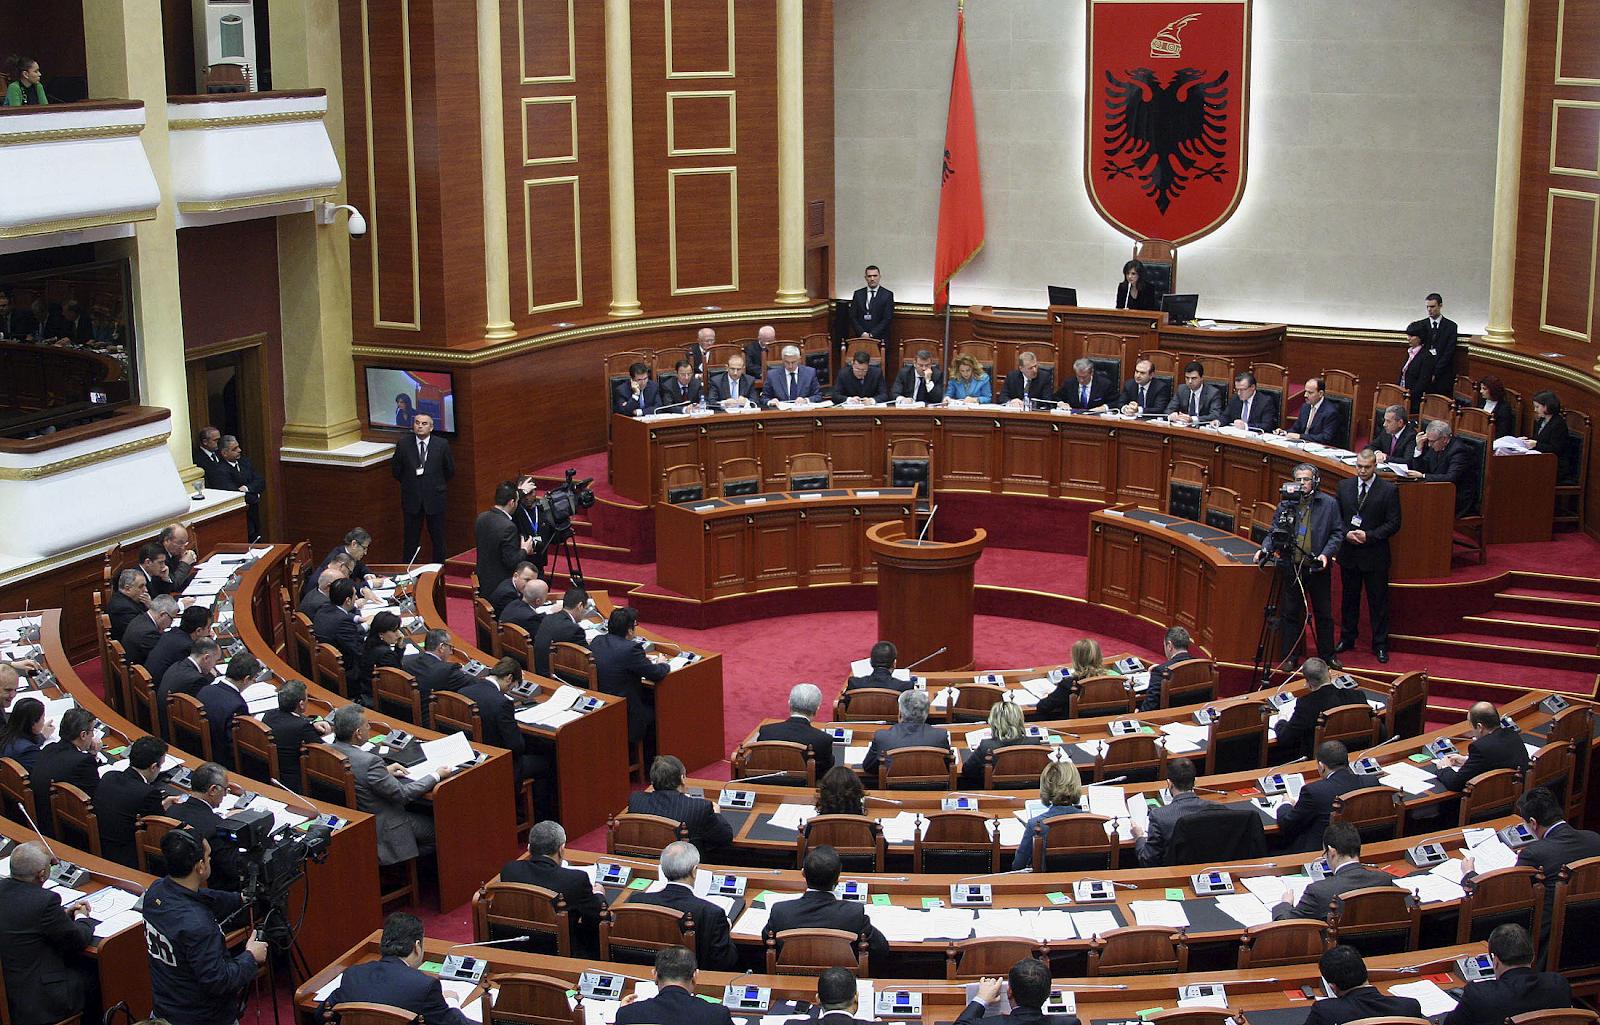 The Kuvendi i Shqipërisë, the unicameral parliament of the Republic of Albania. Credit:  Kuvendi